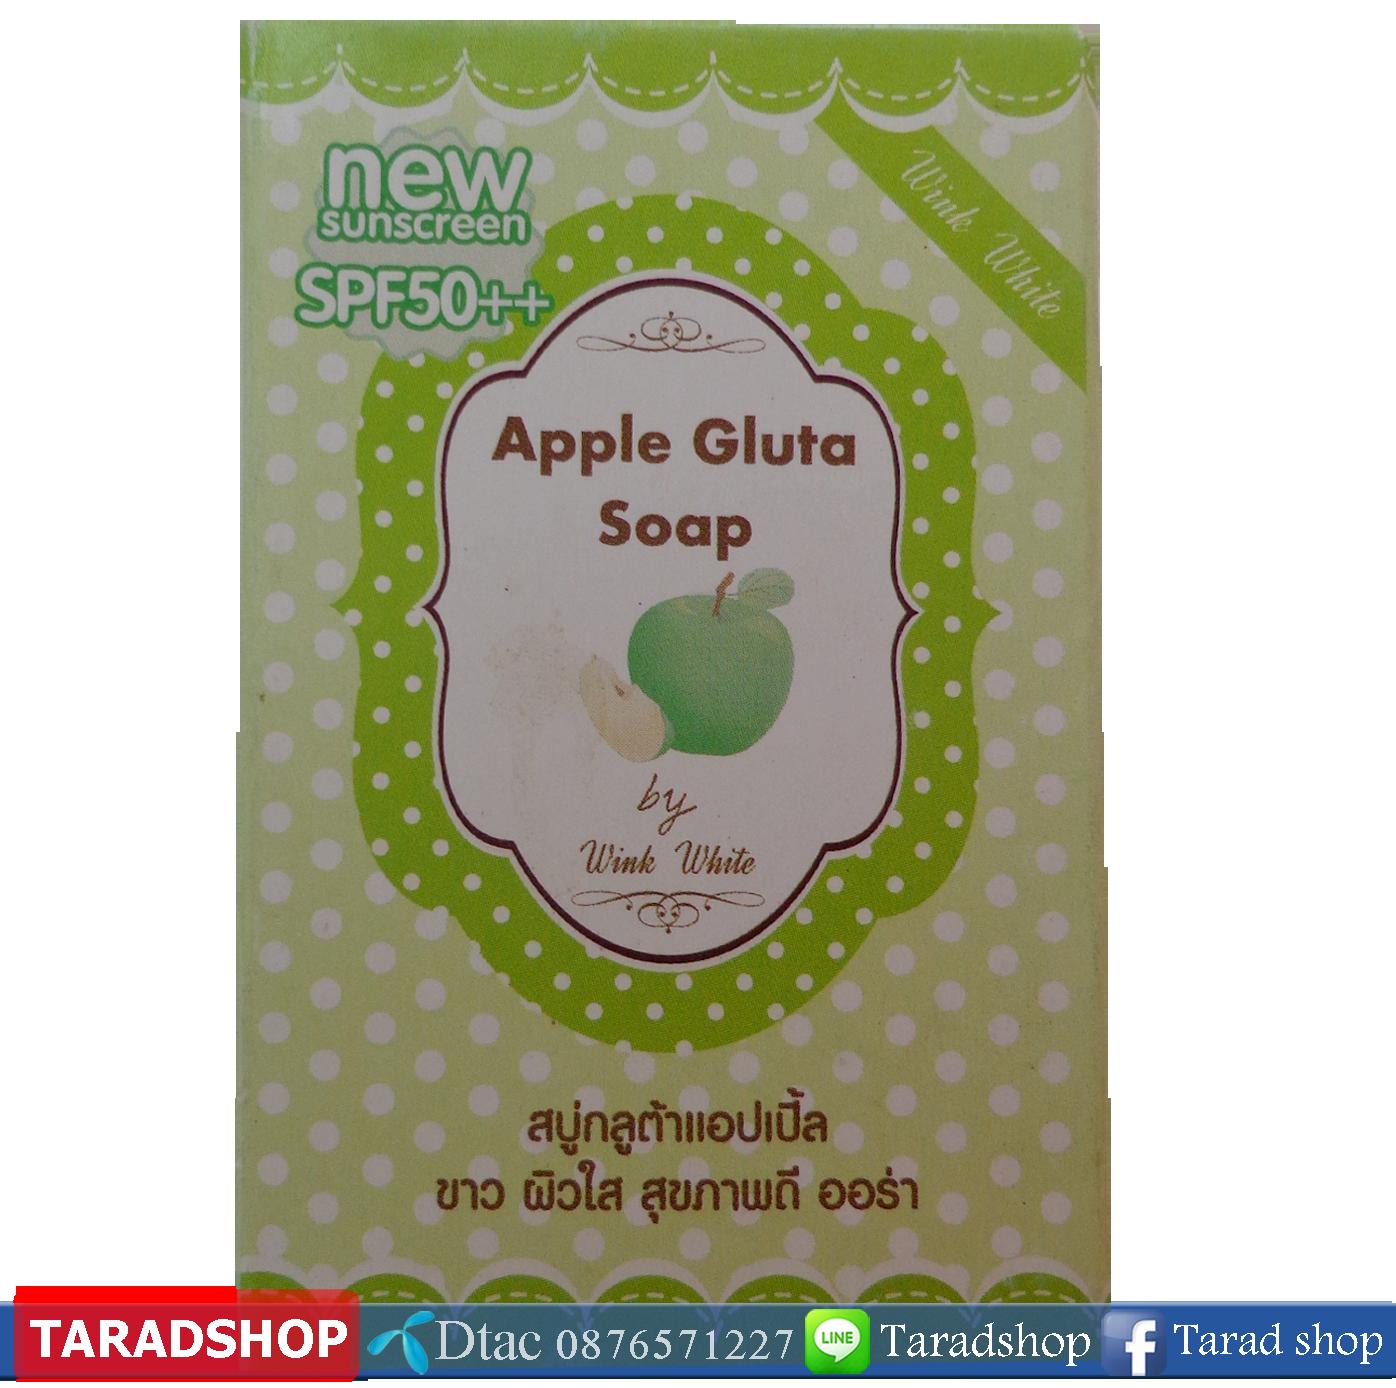 สบู่กลูต้าแอปเปิ้ล Apple Gluta Soap